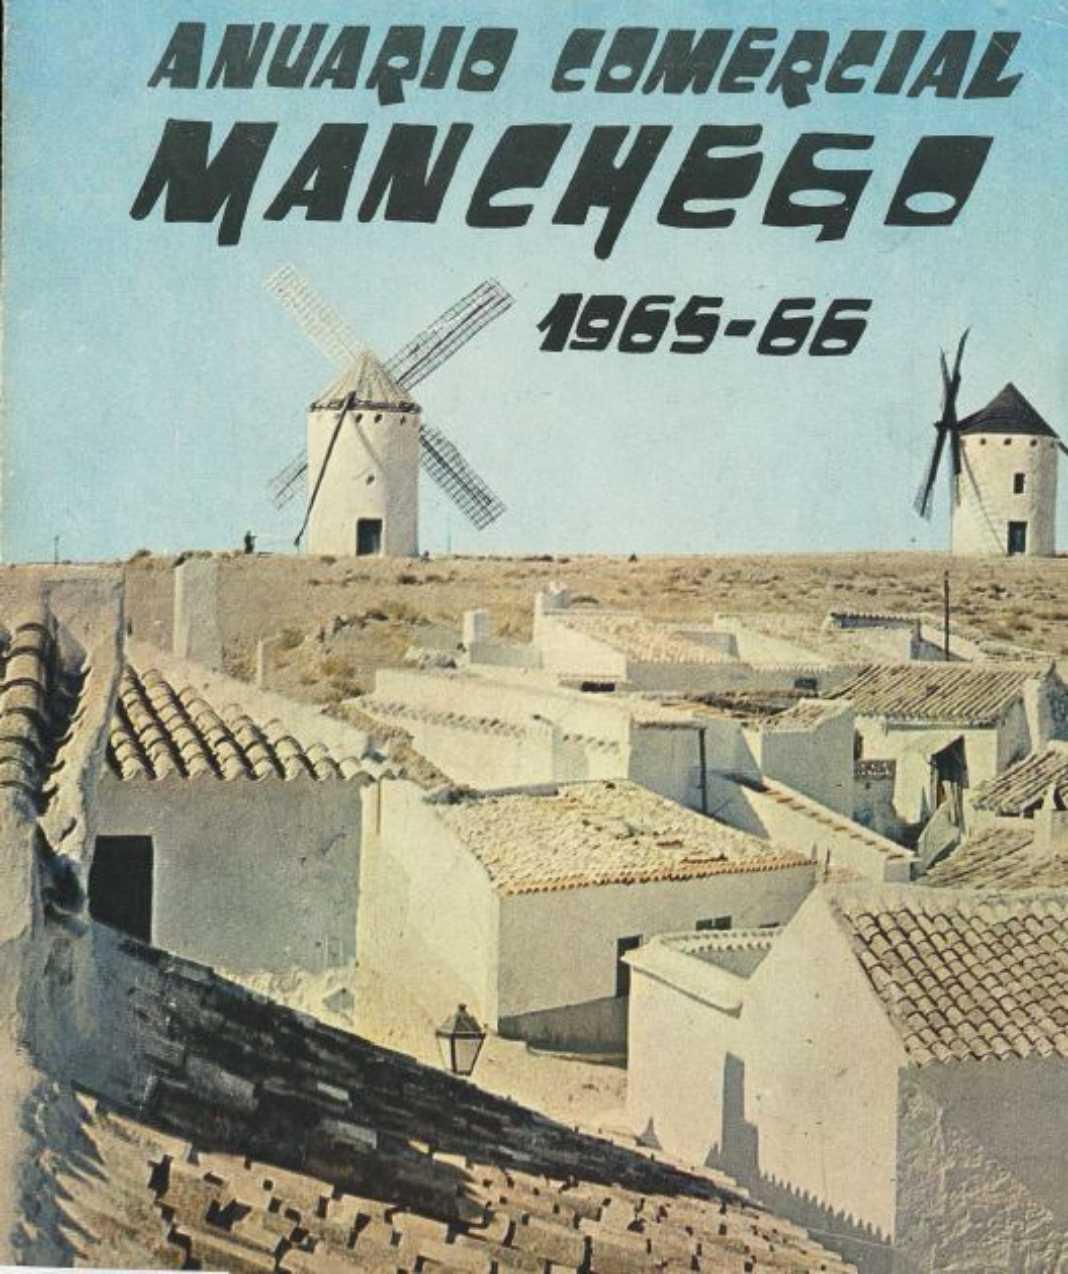 Hace 50 años: Anuario Comercial Manchego 4